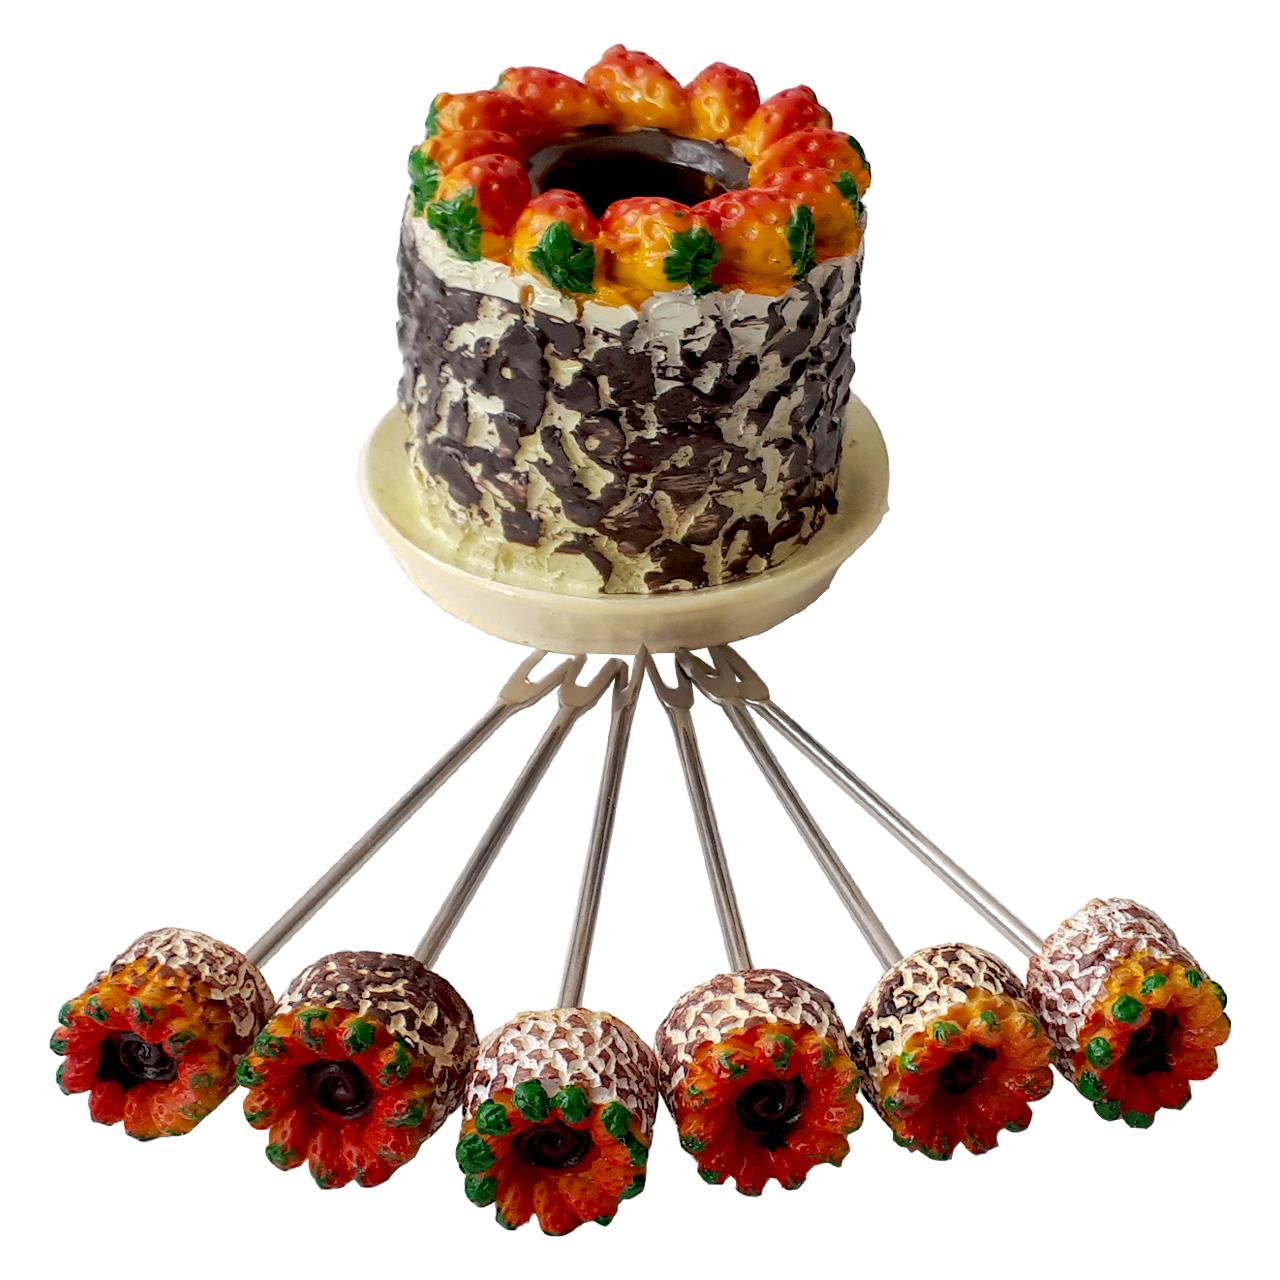 زیتون خوری طرح کیک توت فرنگی مجموعه 7 عددی